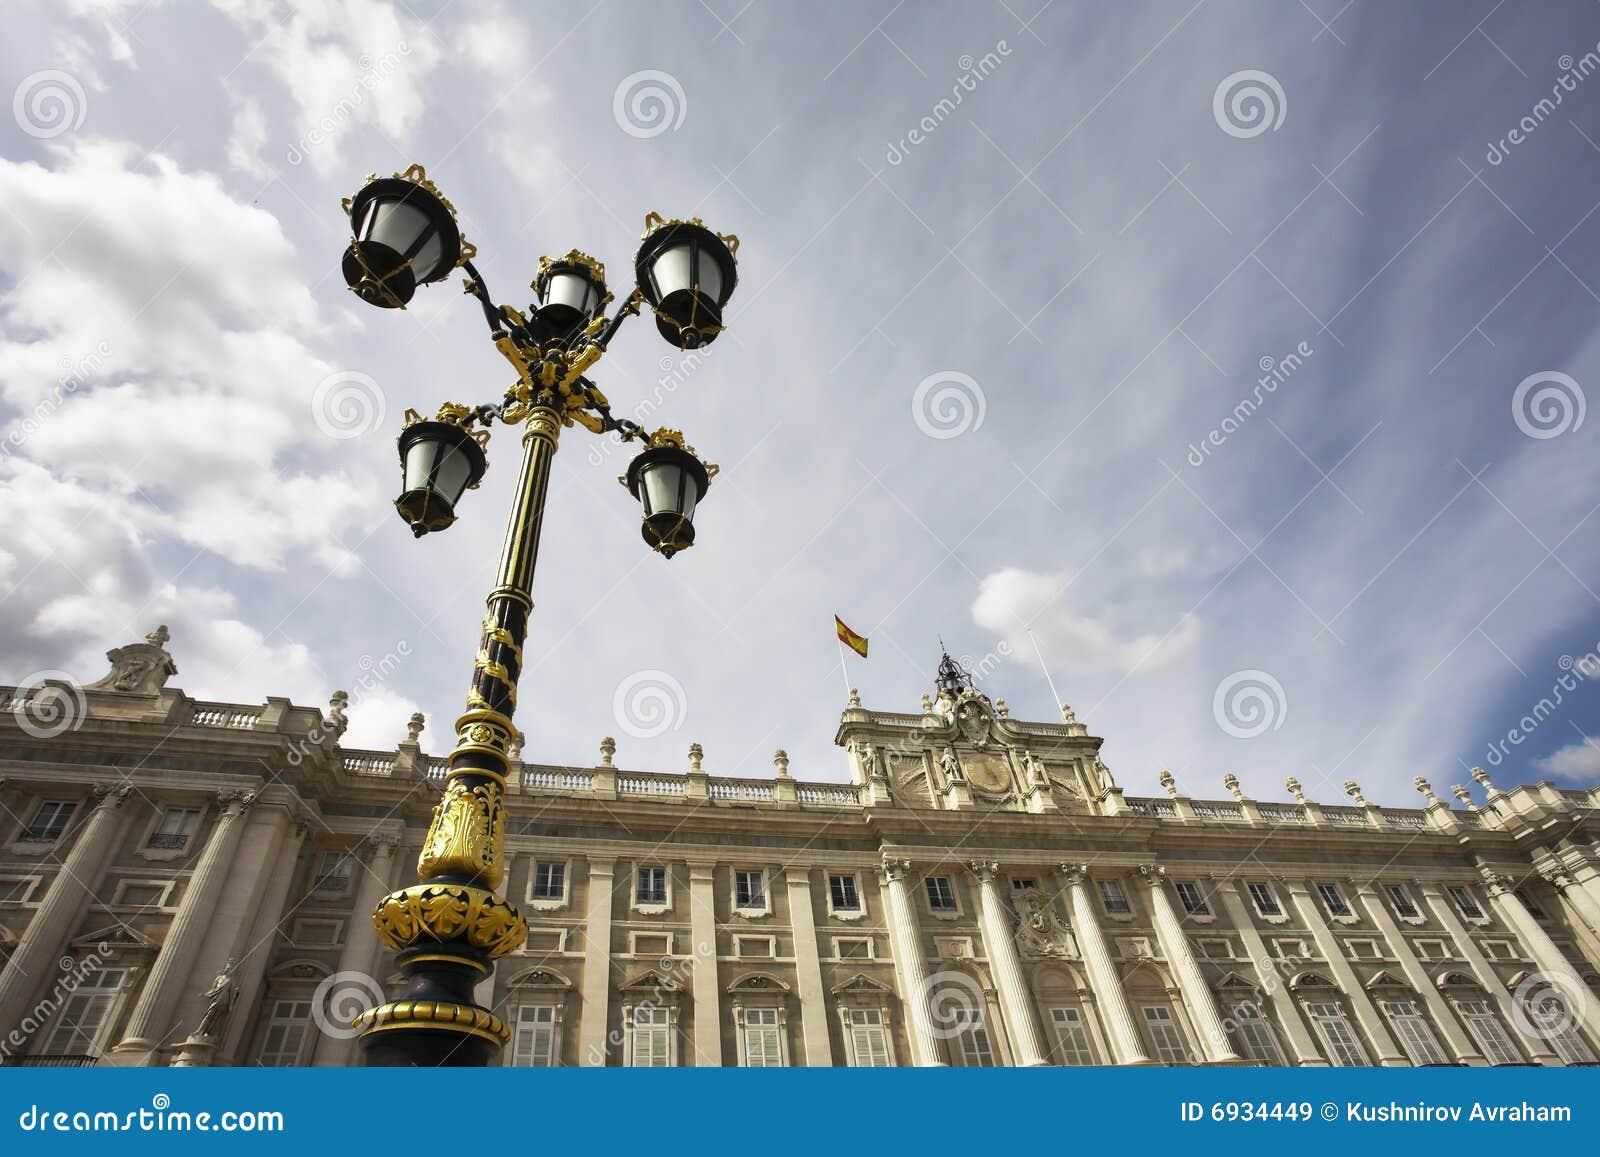 巴洛克式的迷人的灯笼样式